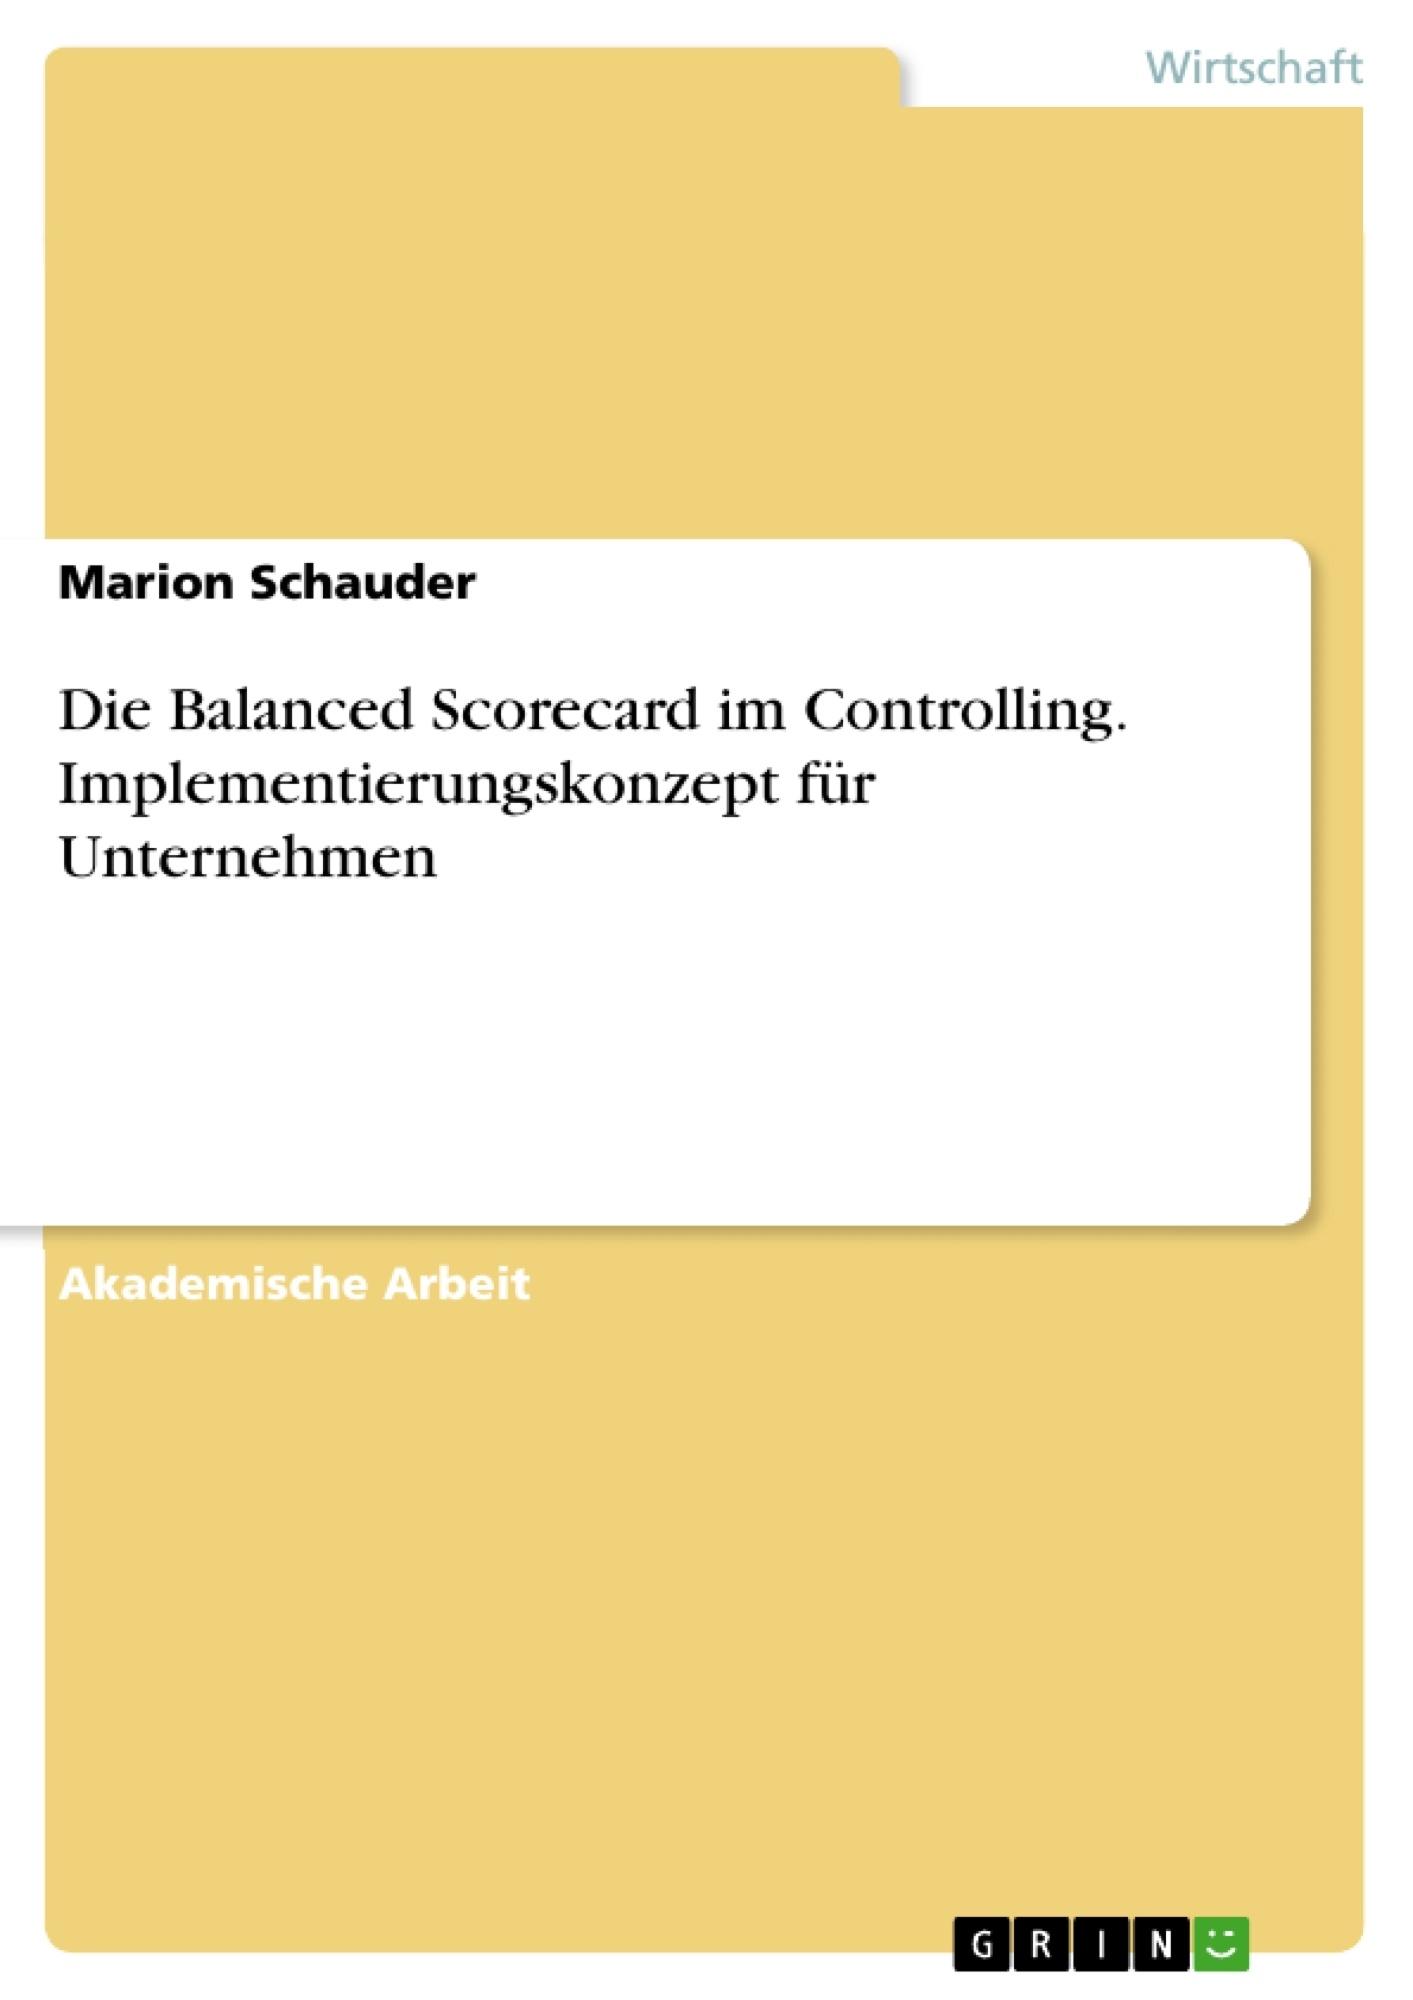 Titel: Die Balanced Scorecard im Controlling. Implementierungskonzept für Unternehmen